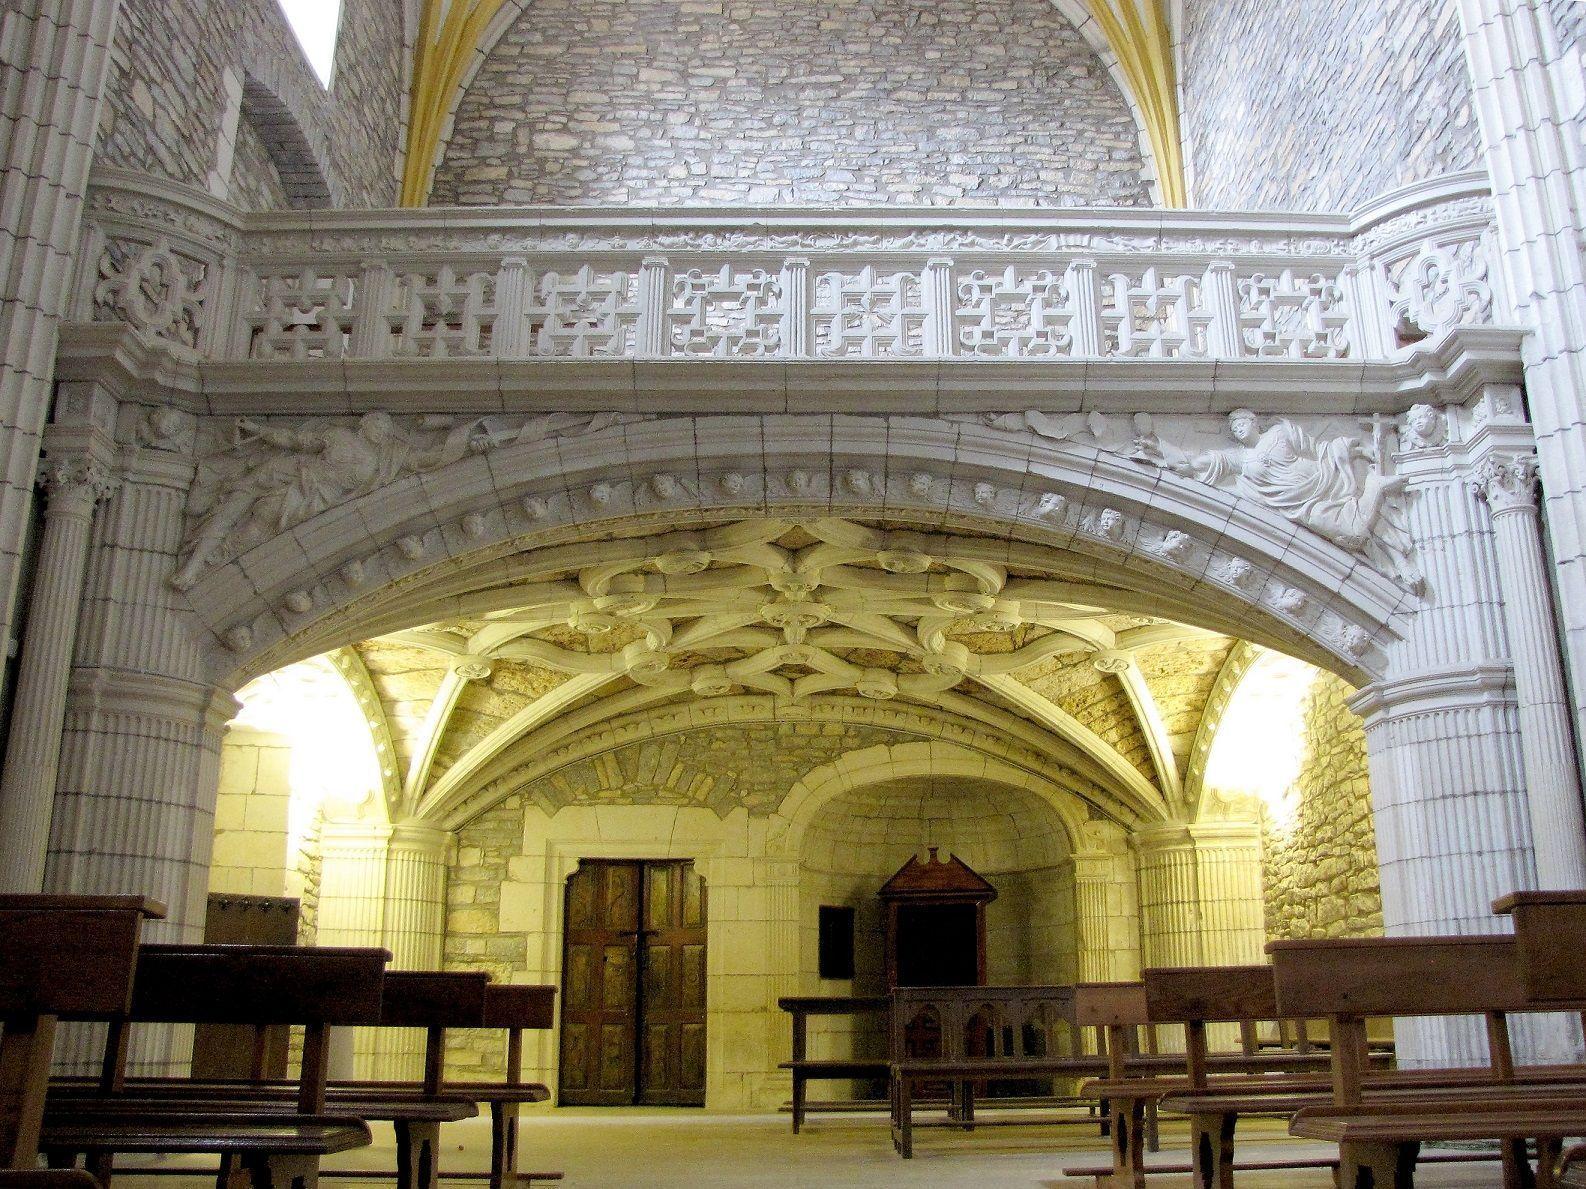 Excursión: «Joyas ocultas del Renacimiento alavés I» (16 y 17 de marzo)